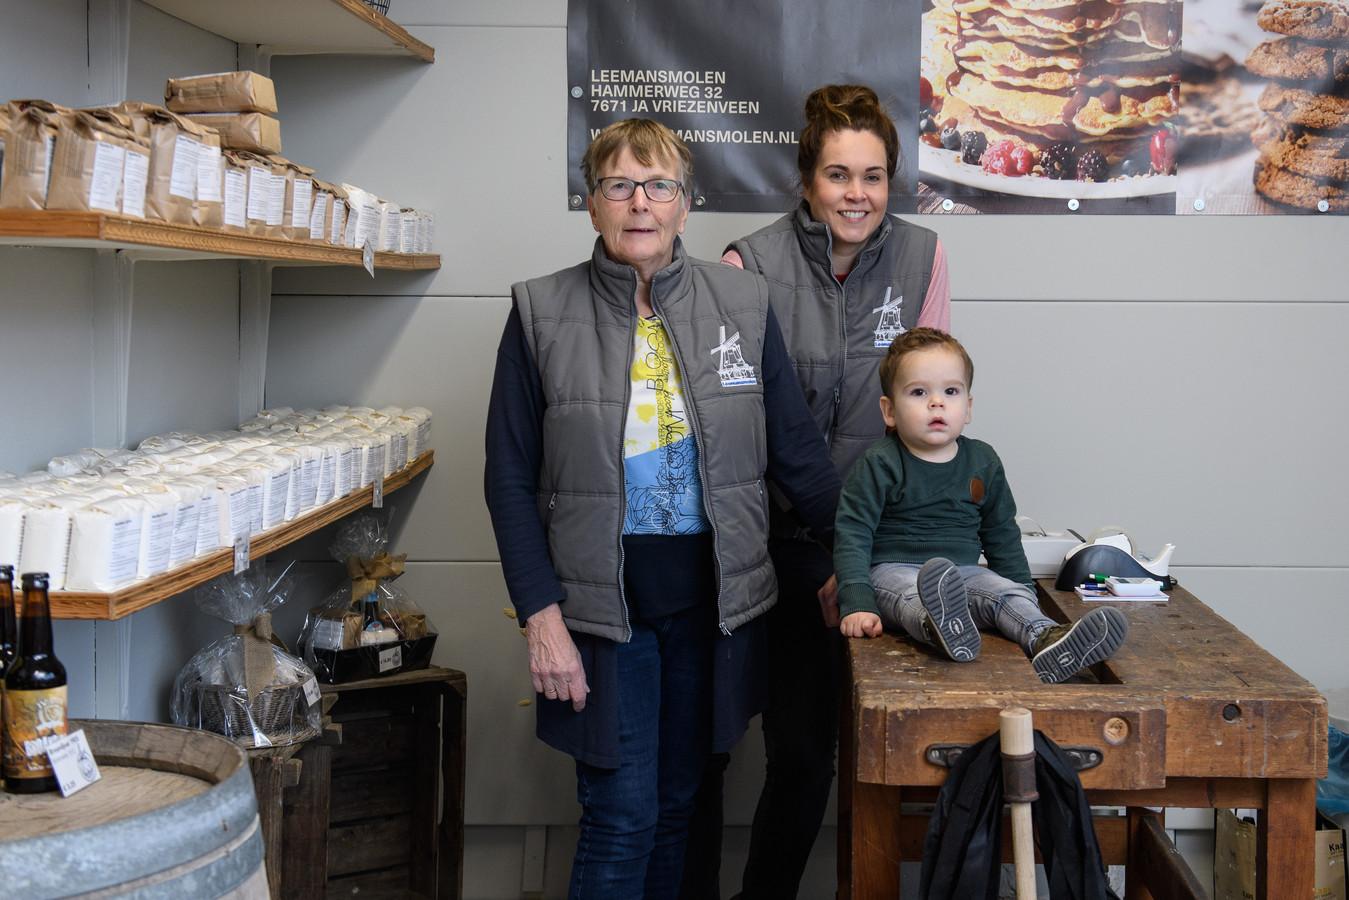 Hanneke, Berthe en Lars (vlnr) in de winkel. Dochter Berthe zet de winkel in meelproducten voort.